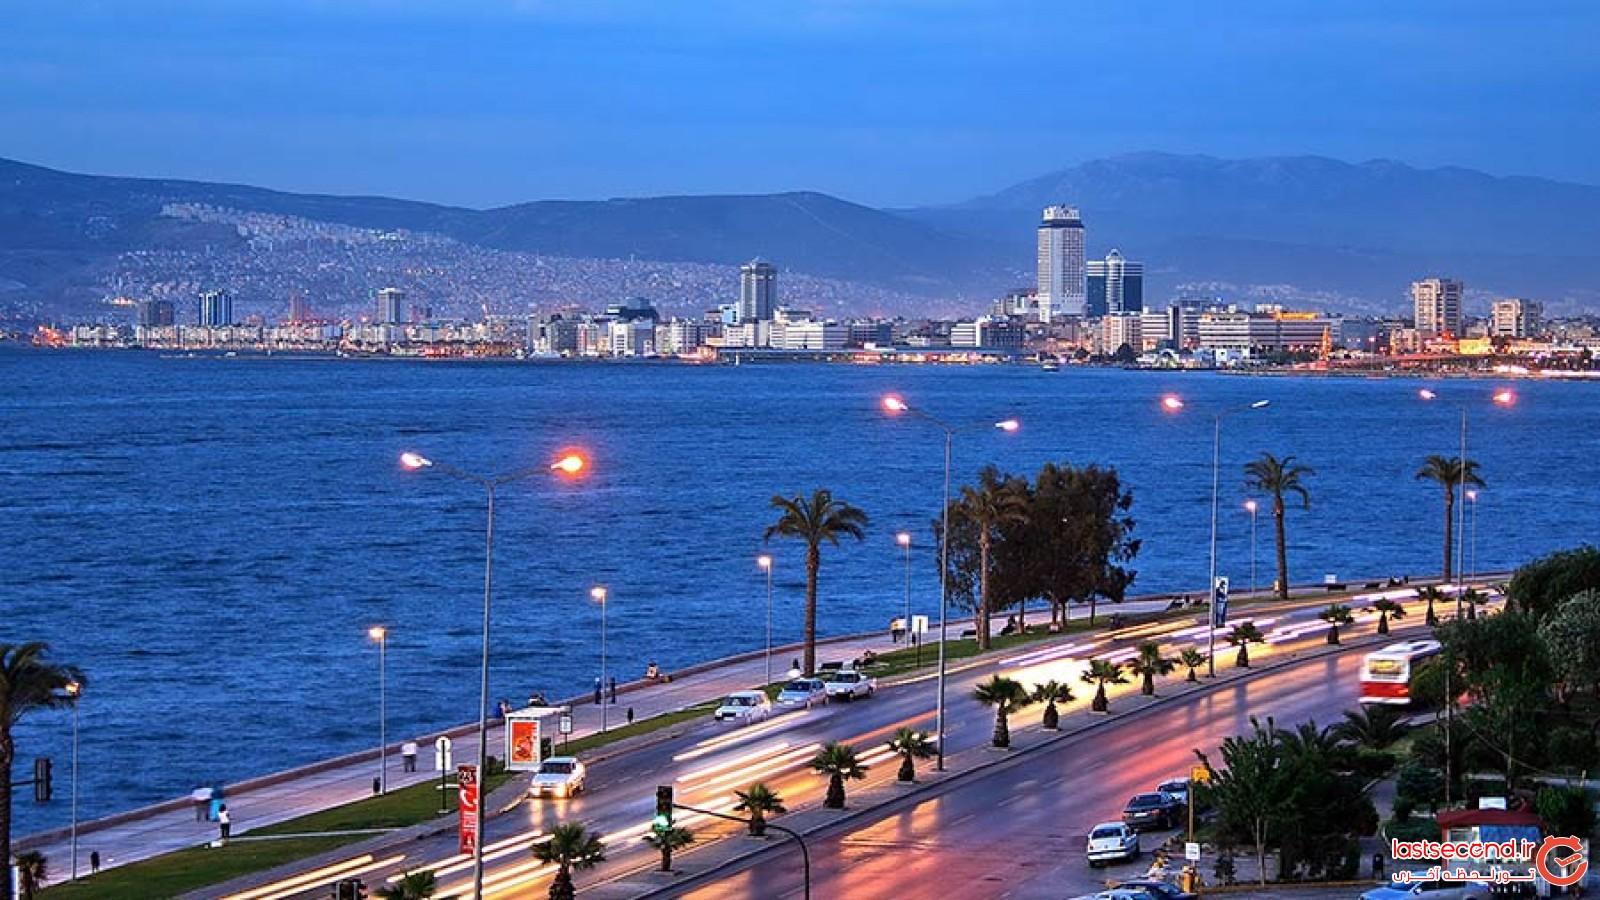 ازمیر، عروس دریای اژه در ترکیه